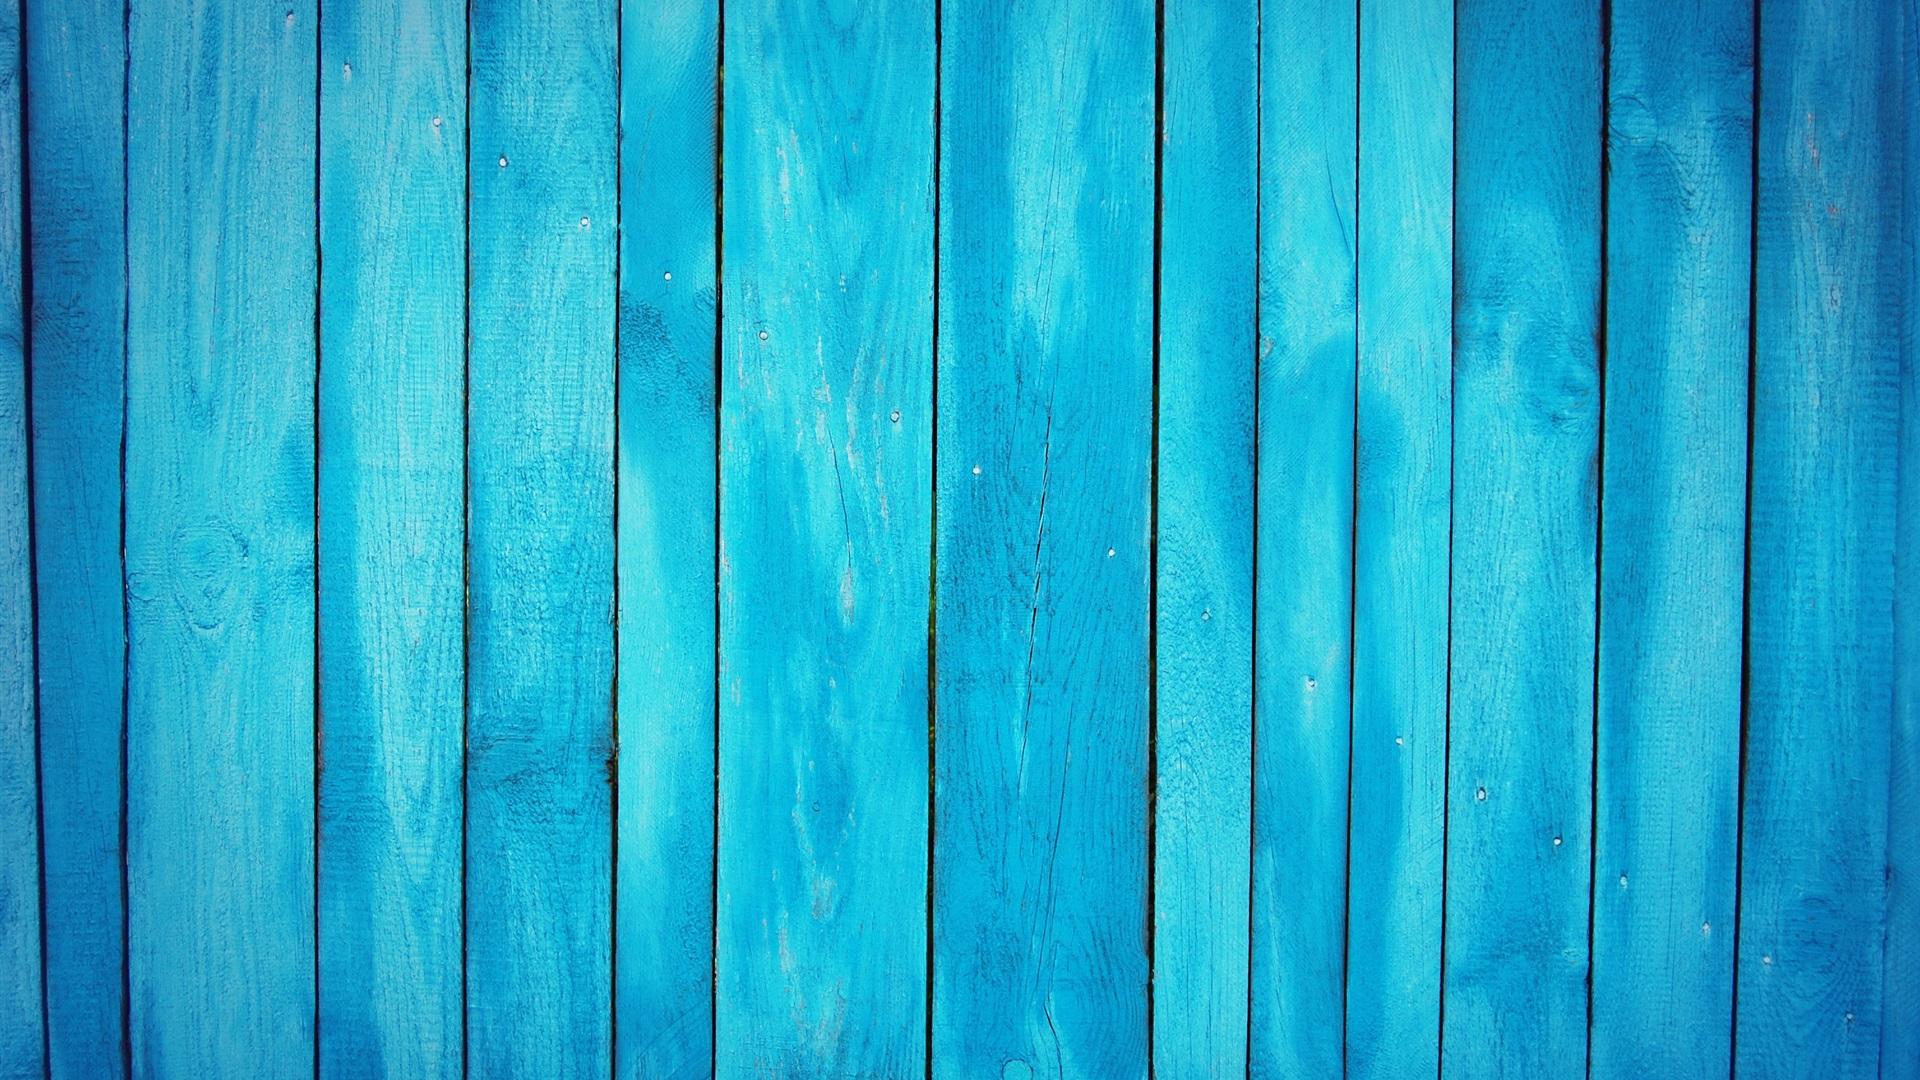 Fondos De Pantalla Fondo De Tablero De Madera De Colores: Fondo De Tablero De Madera Azul Fondos De Pantalla